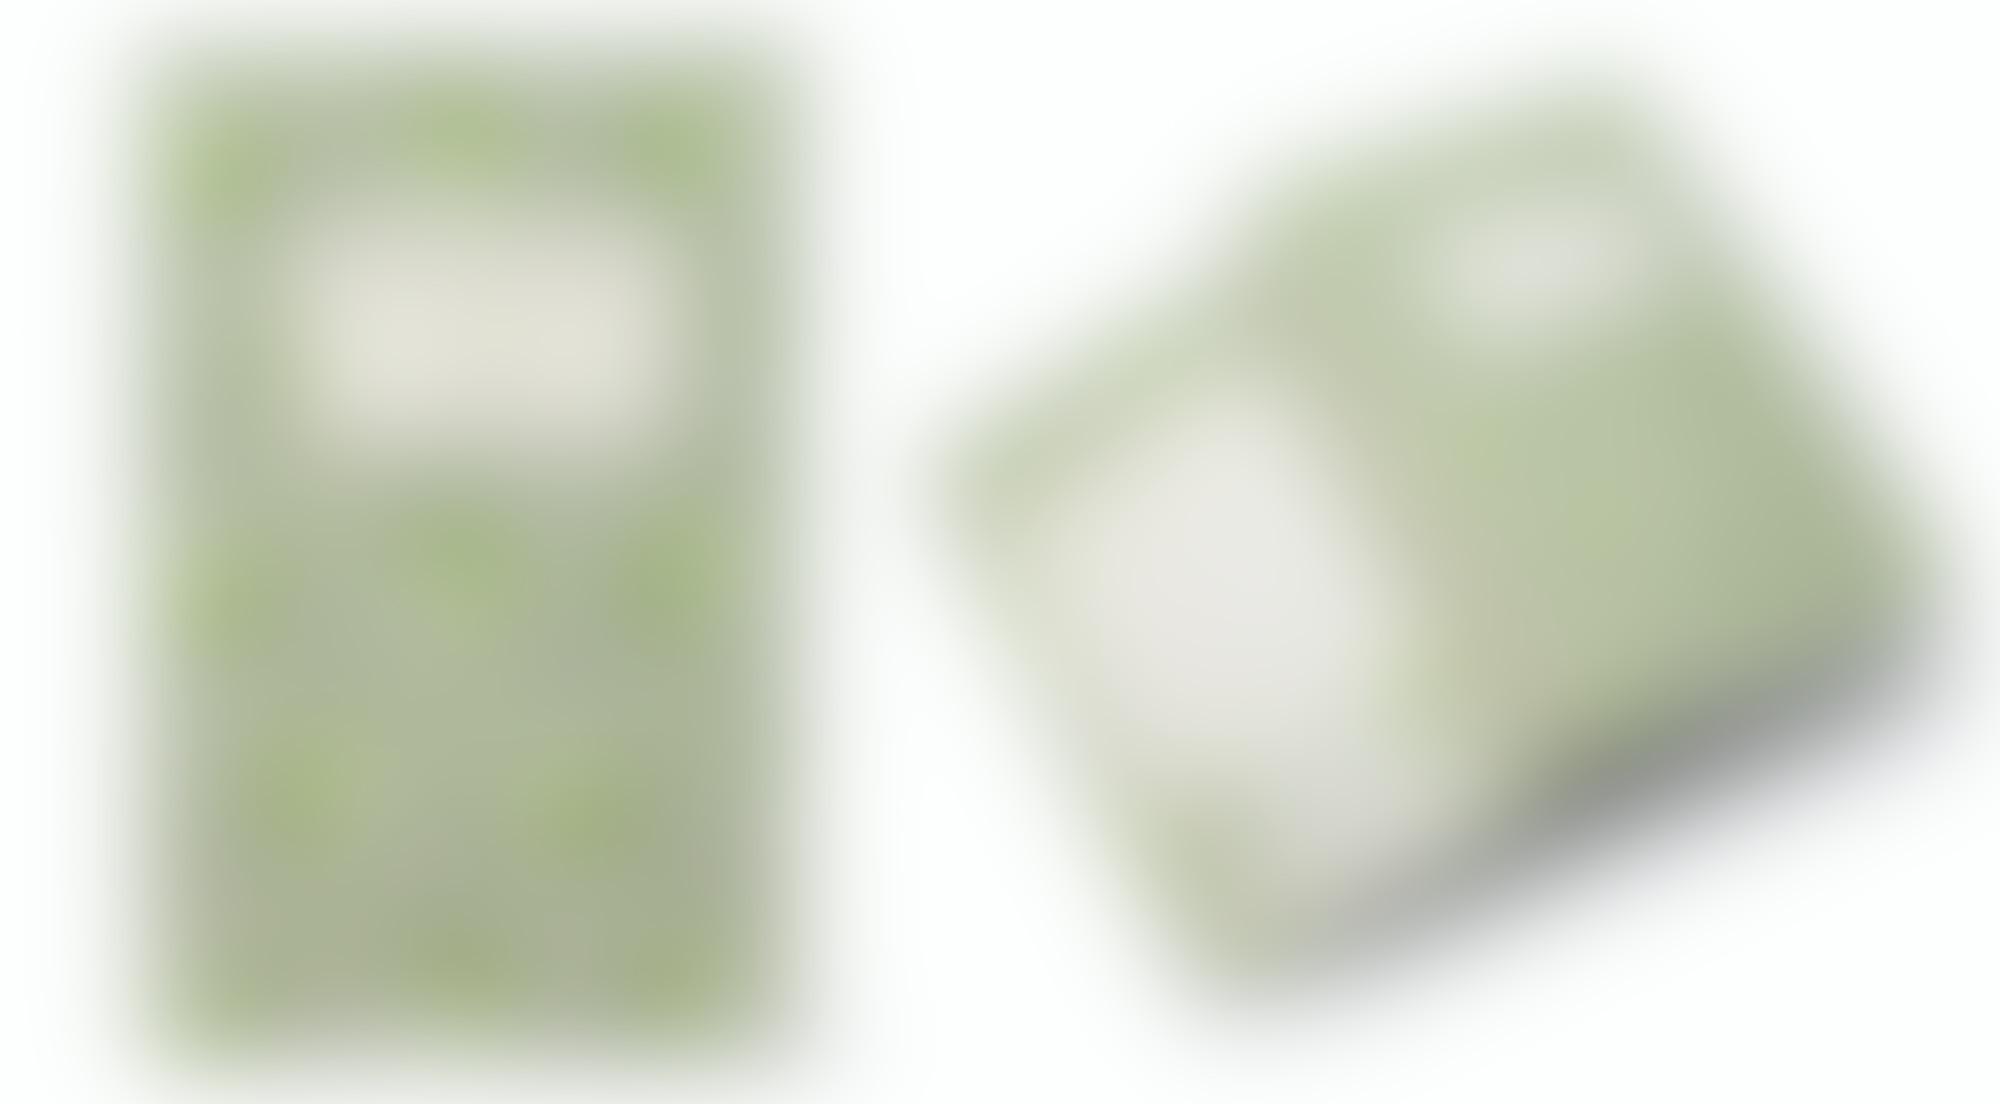 2 autocompressfitresizeixlibphp 1 1 0max h2000max w3 D2000q80sc4d366fafdc8b6f67b4a19d81632ddab